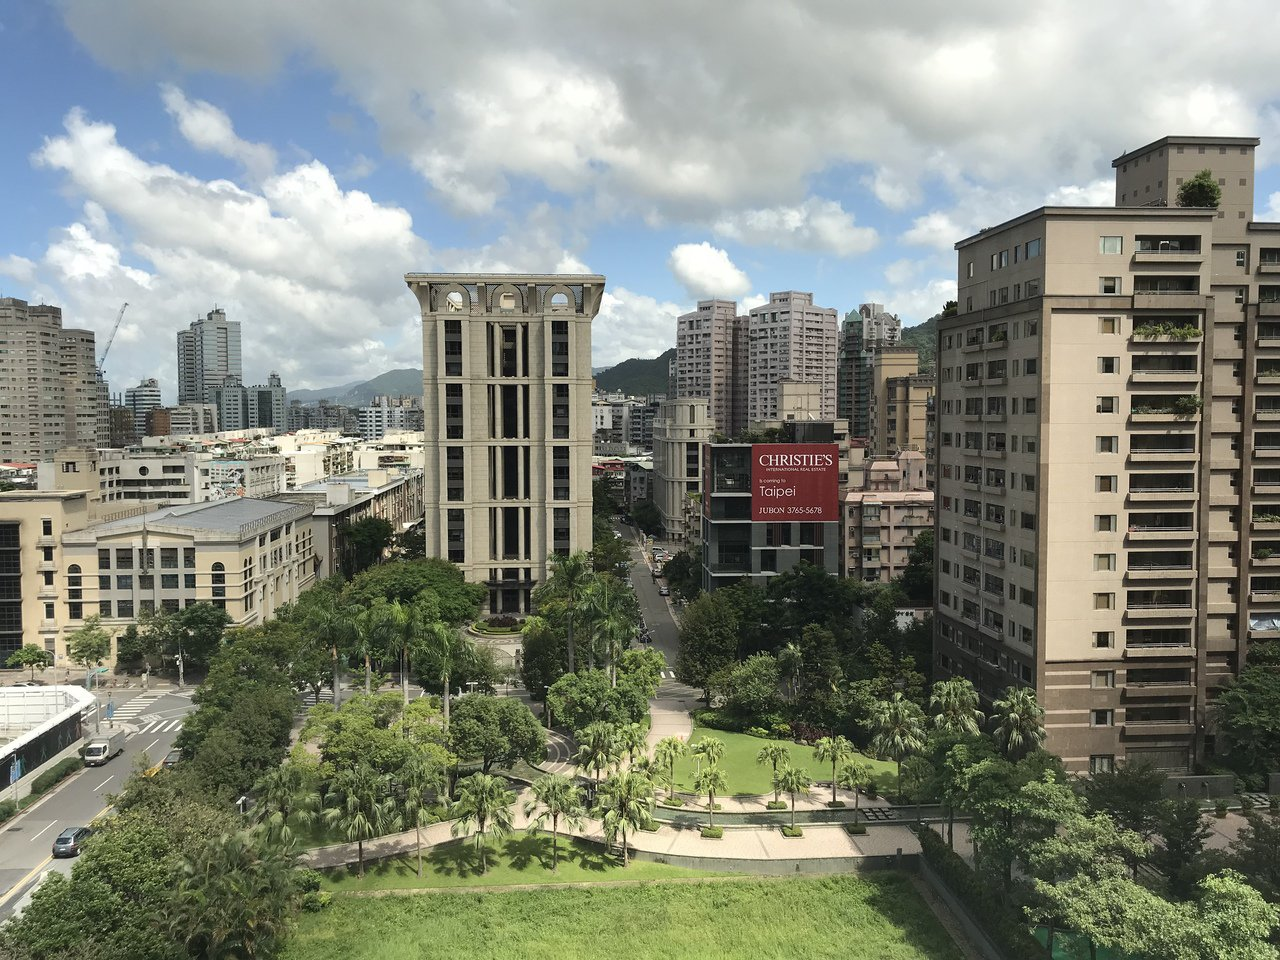 房產學者、景文科技大學財務金融系副教授章定煊近年對房市看法悲觀。記者游智文/攝影